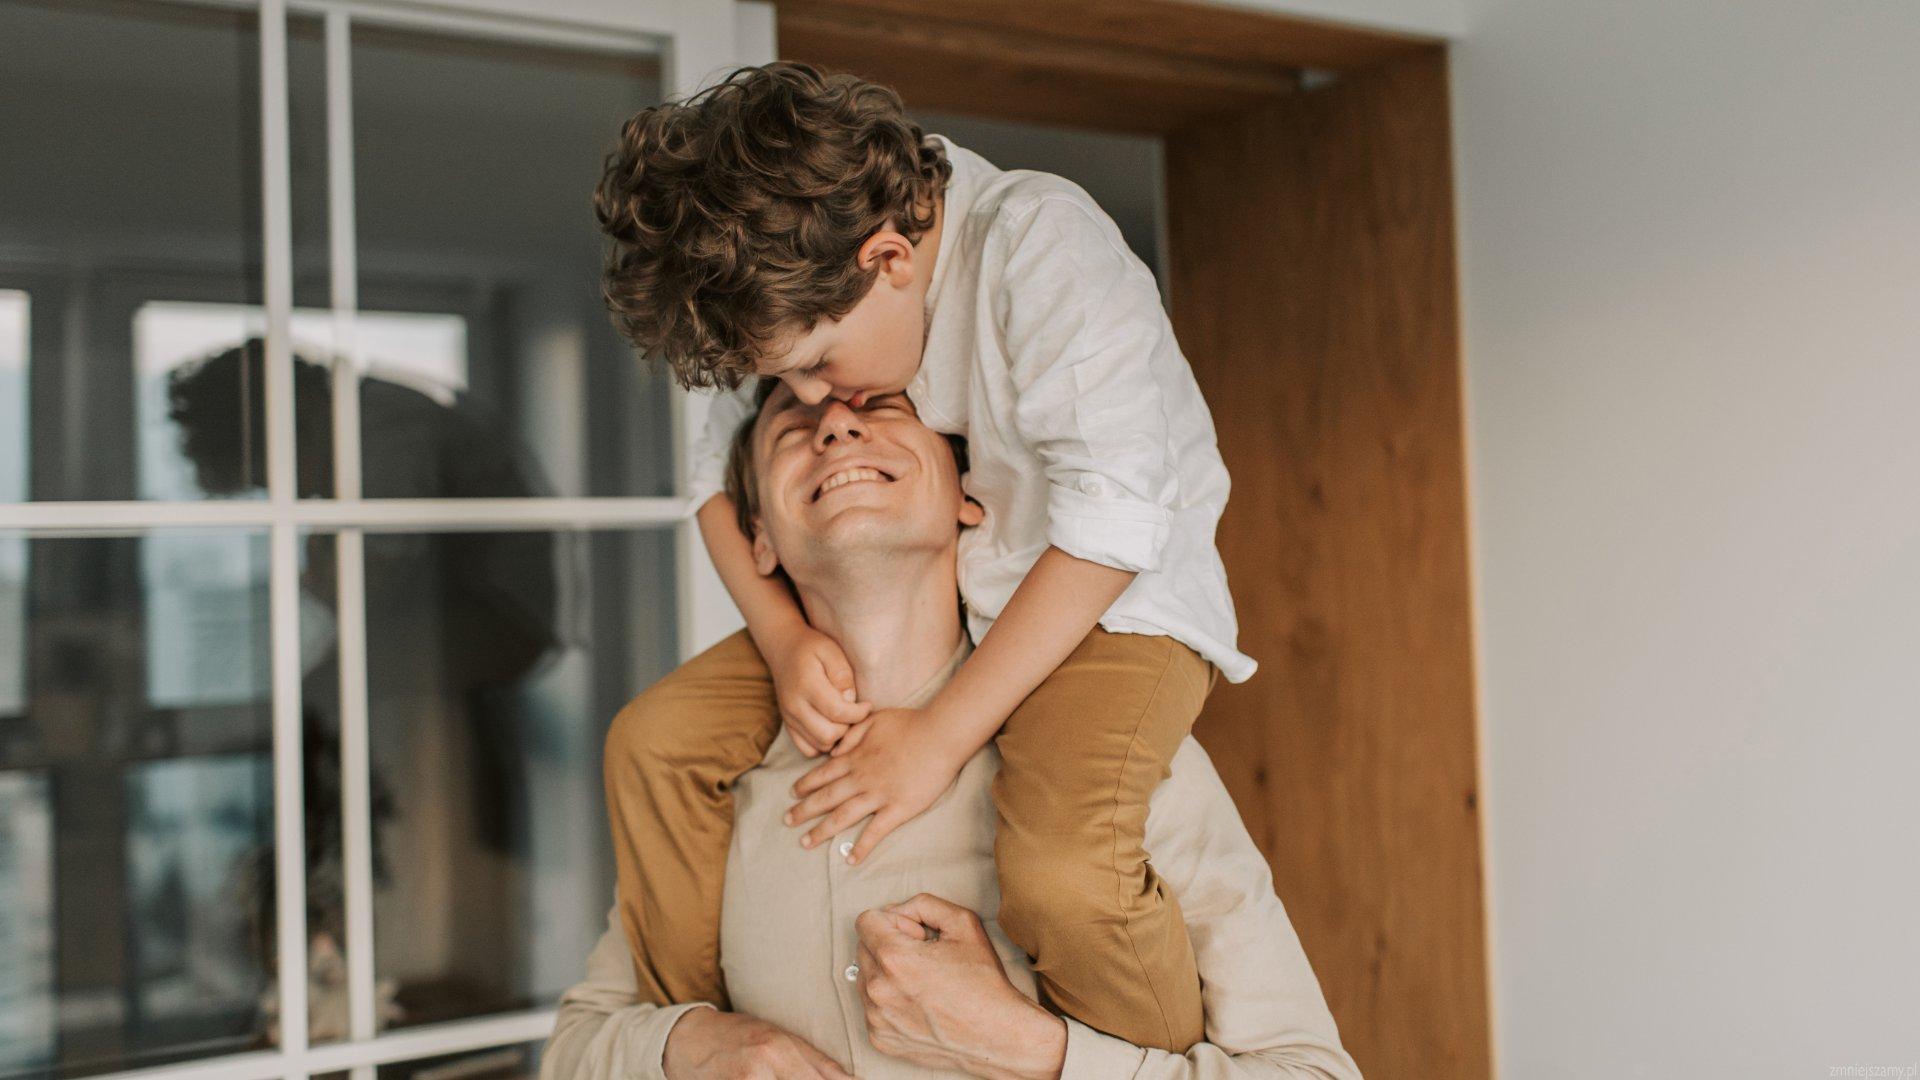 Ojcciec aktywnie spędza czas z synem